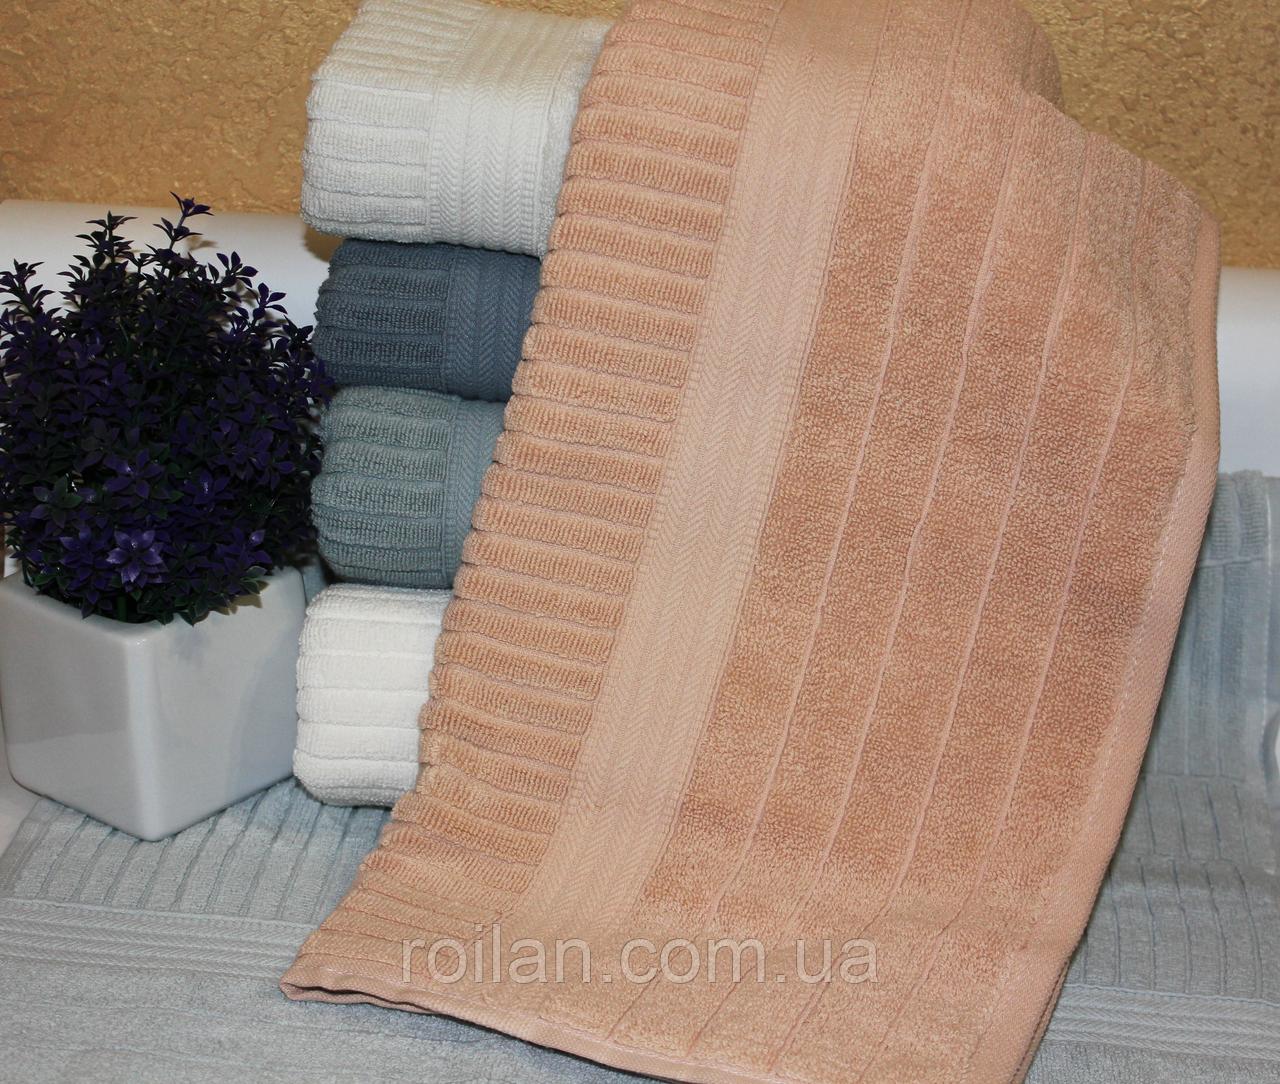 Банные турецкие полотенца Однотонная полоска